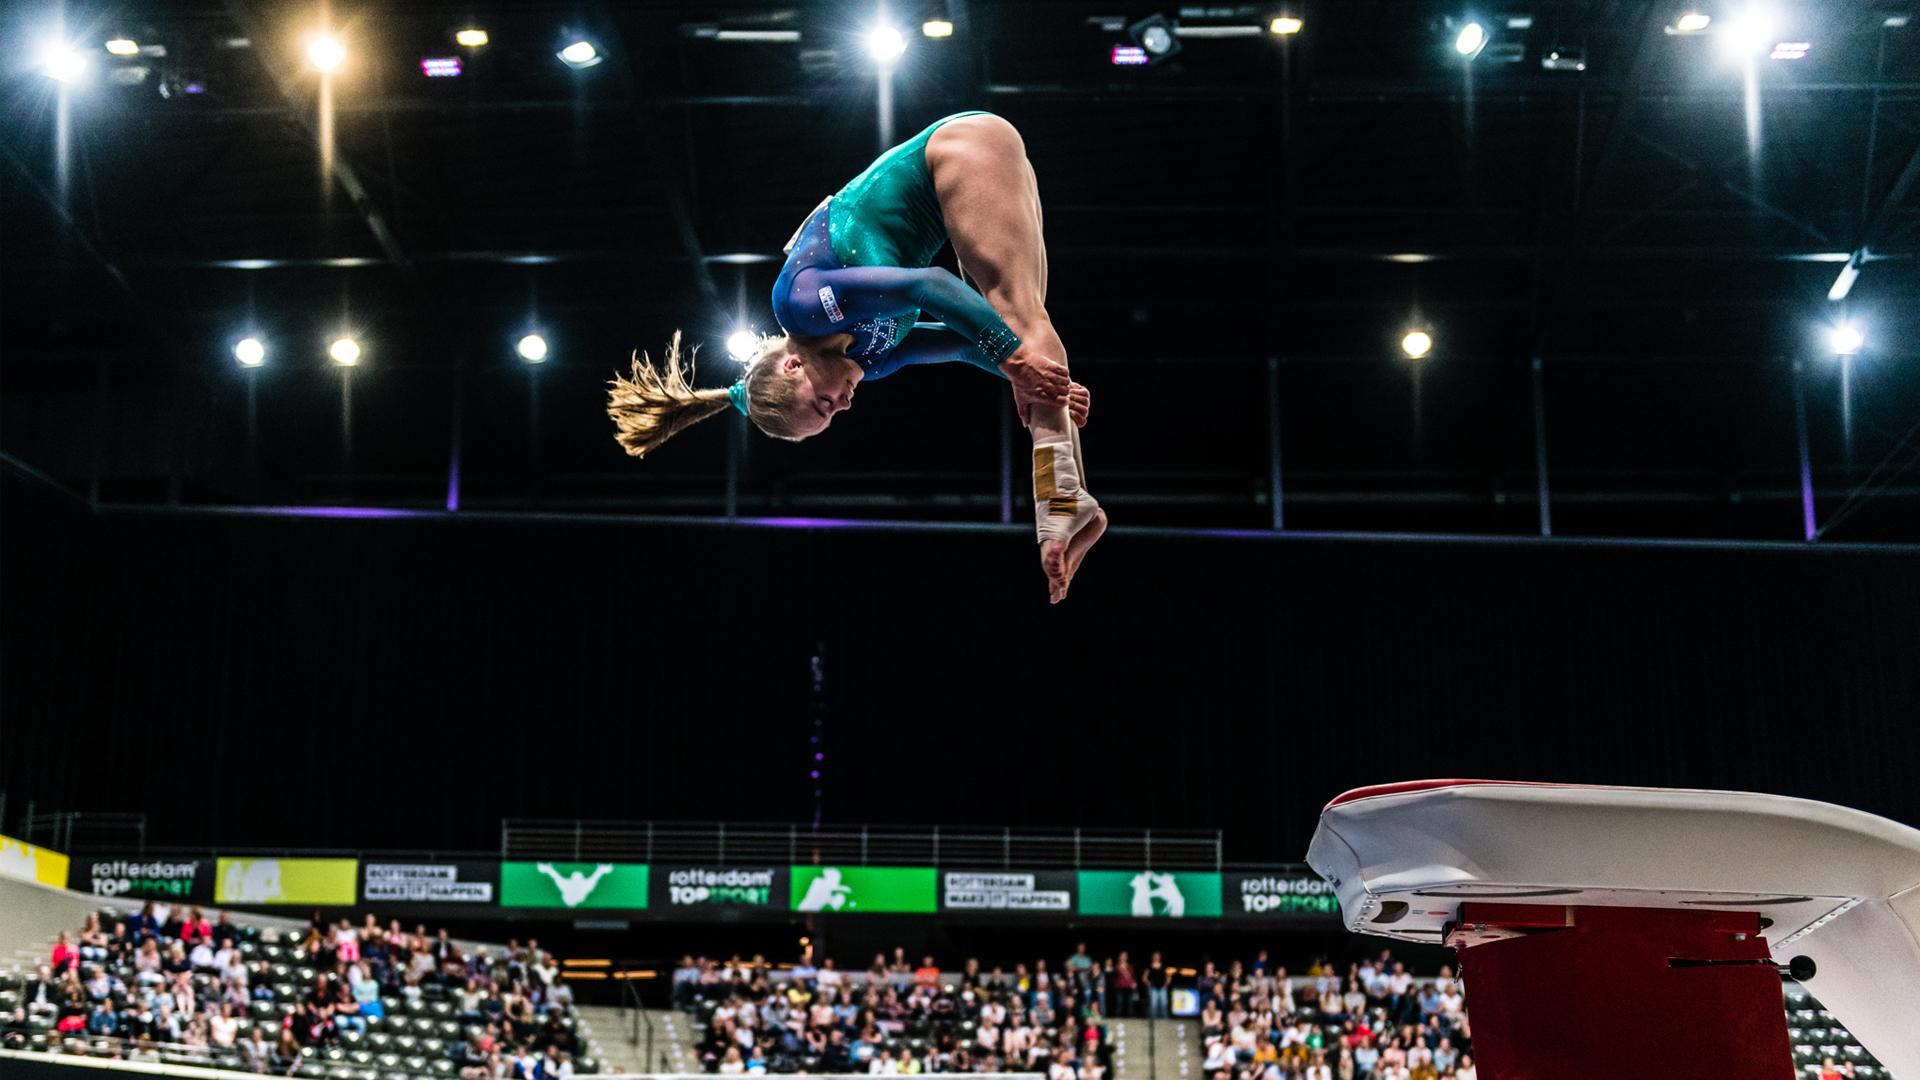 Dutch Gymnastics The Finals